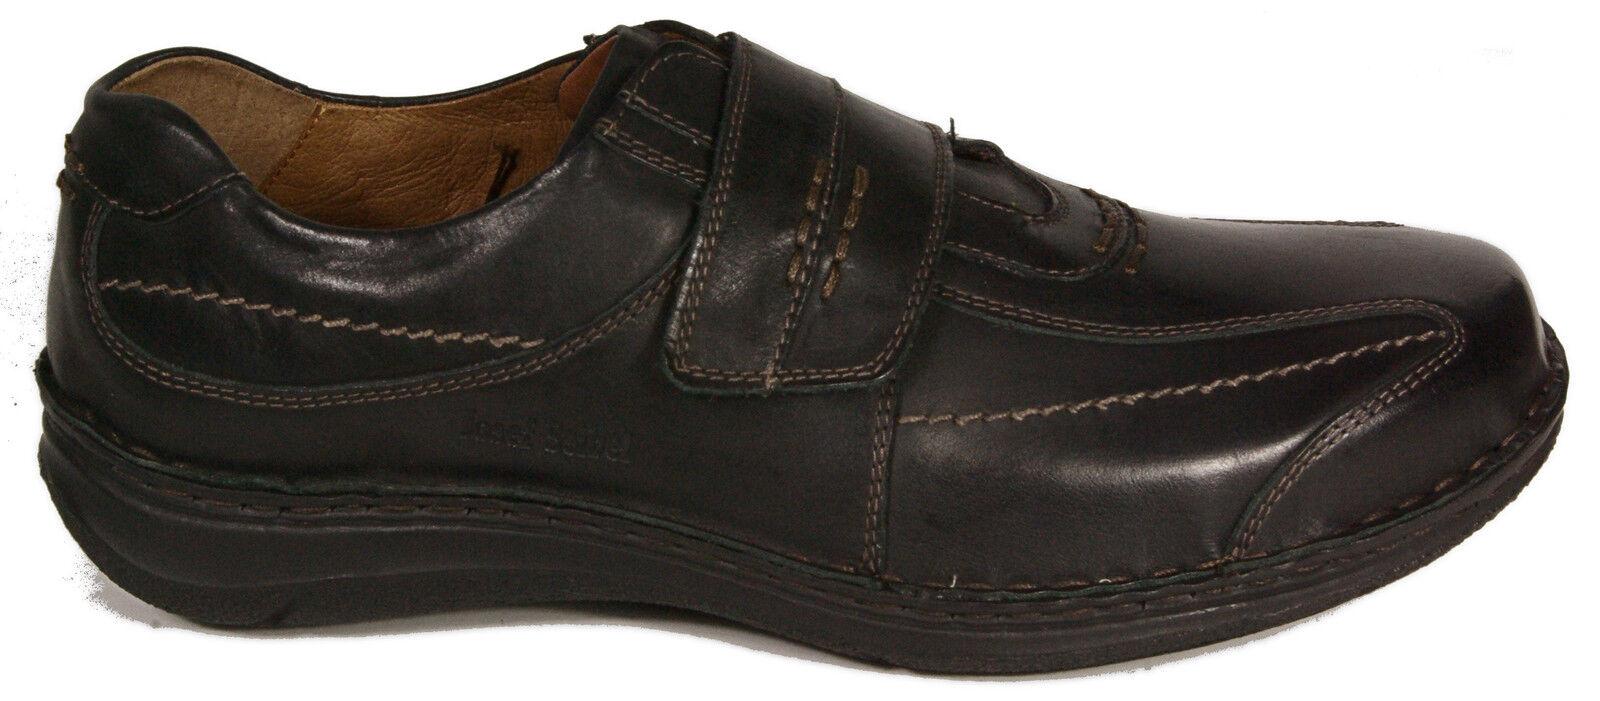 Josef Seibel lejos Zapatillas negro cuero auténtico cambio plantilla extra lejos Seibel K nuevo 871d4e